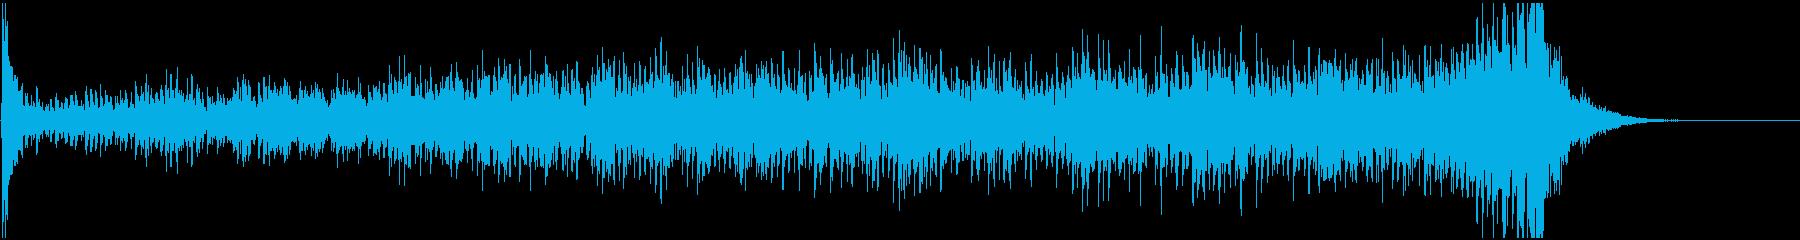 ティンパニロール-6の再生済みの波形